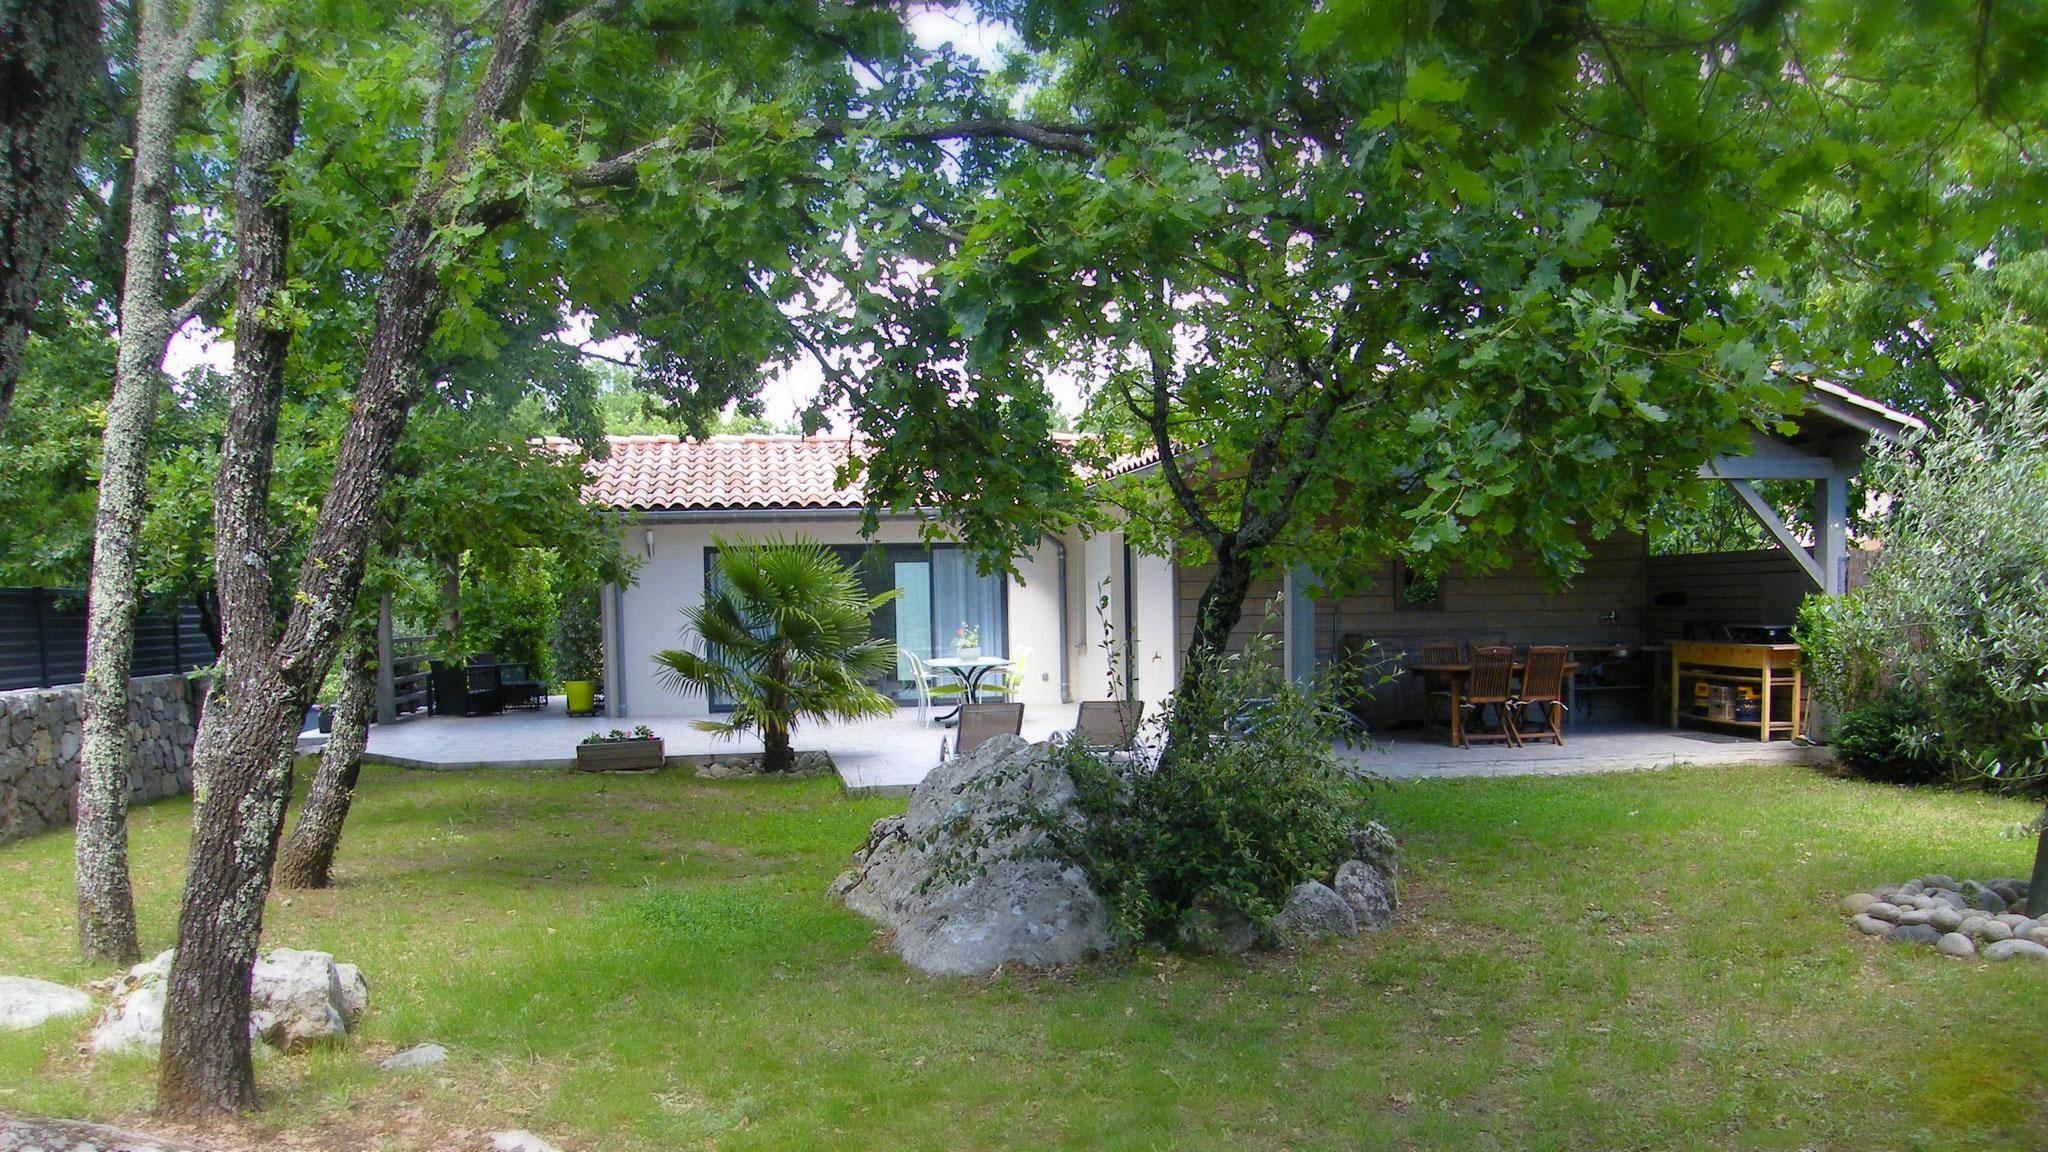 Location de vacances avec jardin - Gîte les Oliviers